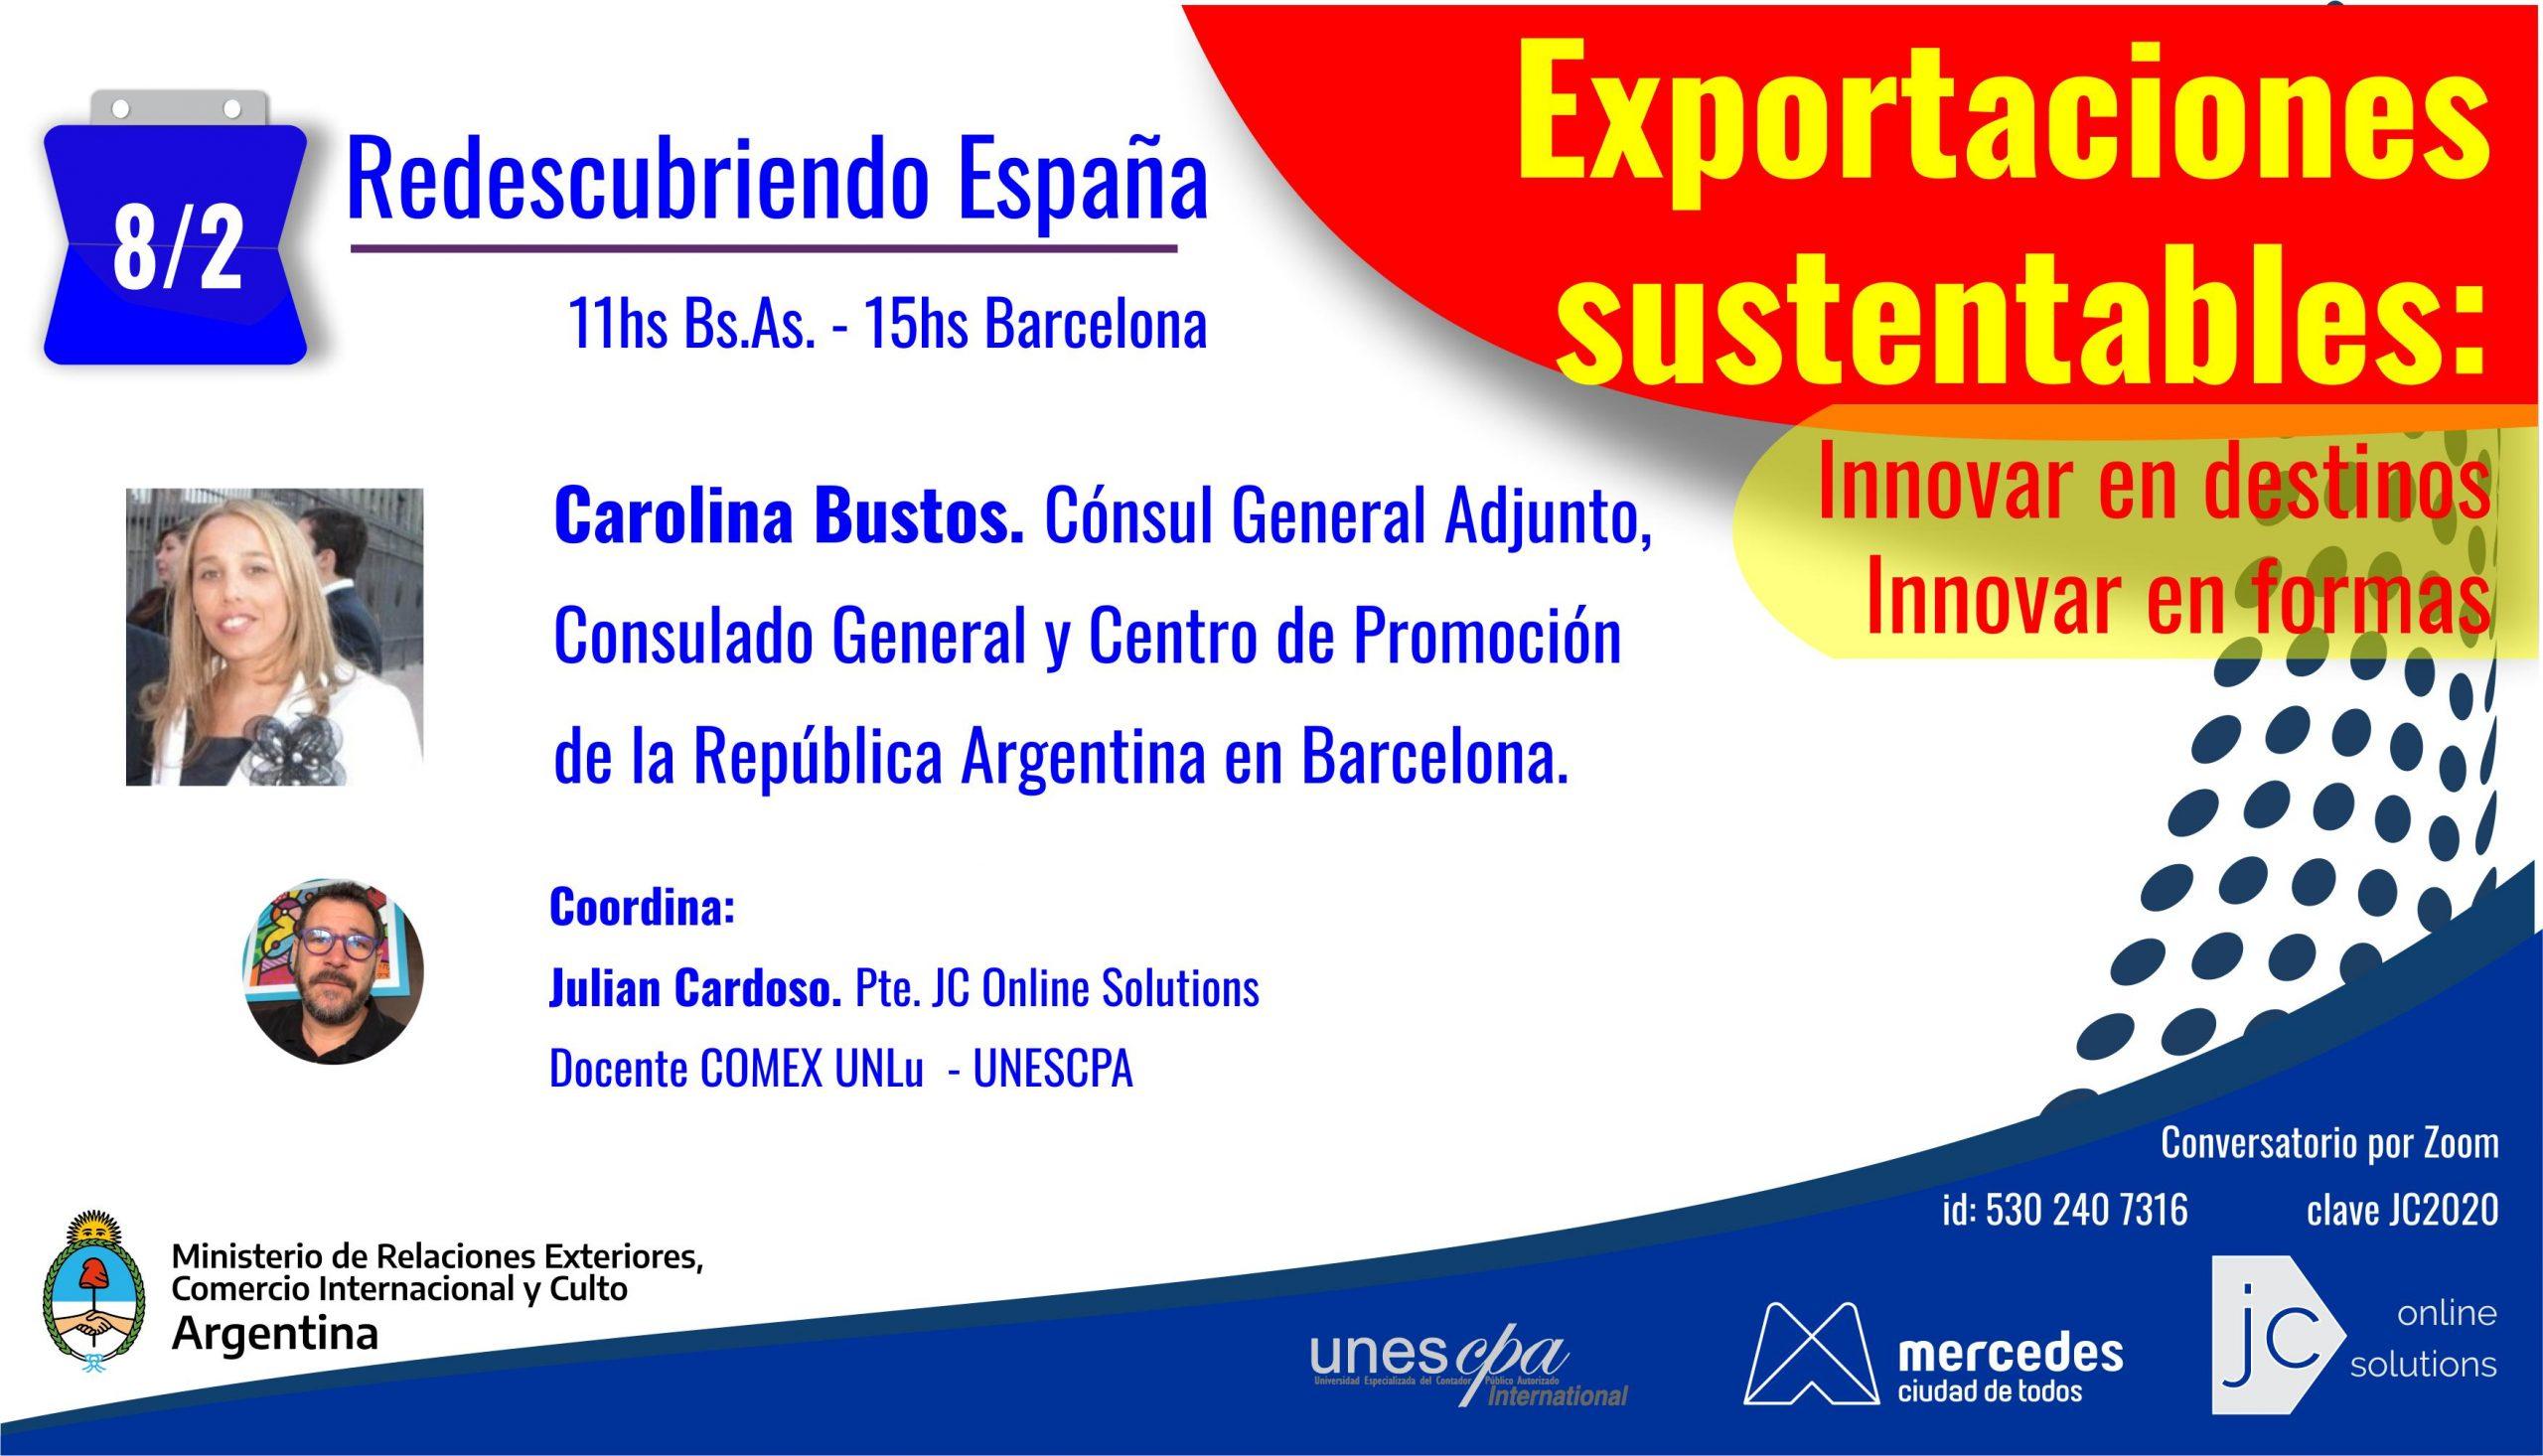 Exportaciones sustentables 2021